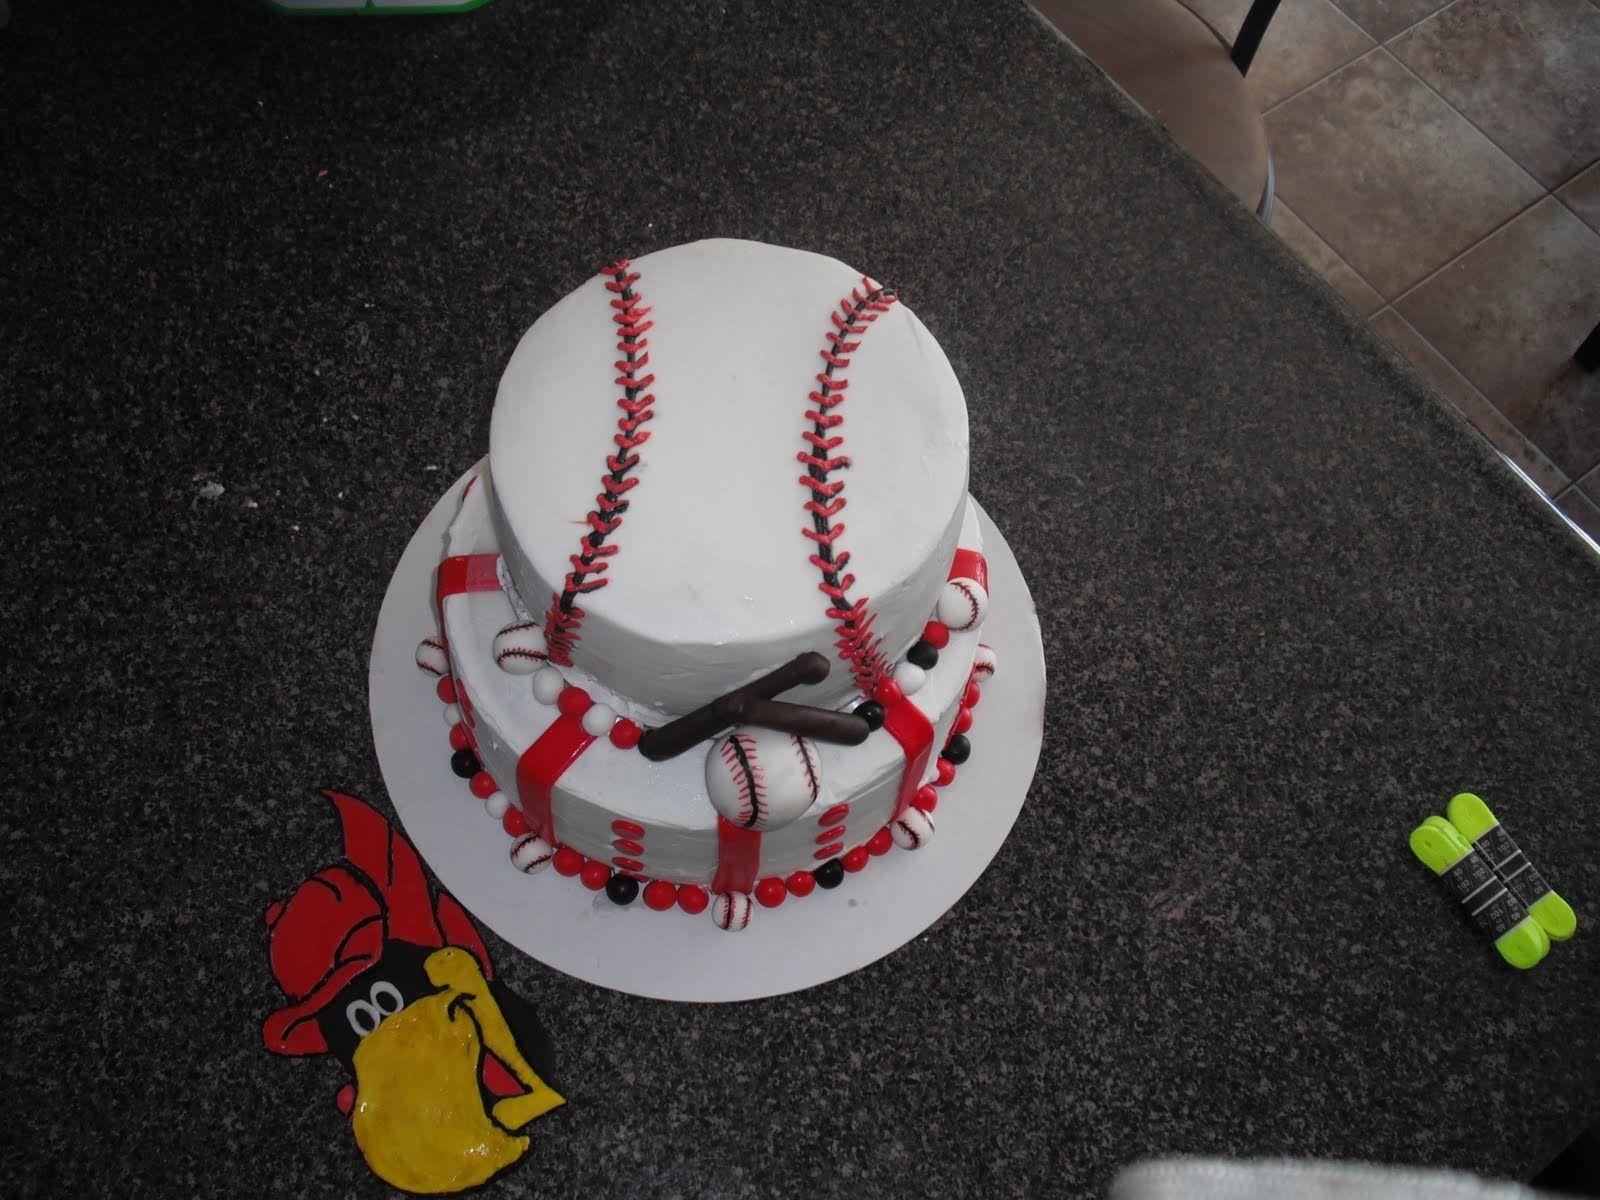 base ball cake idea | Sassy Sweets Cakes & Treats: Cardinals baseball cake